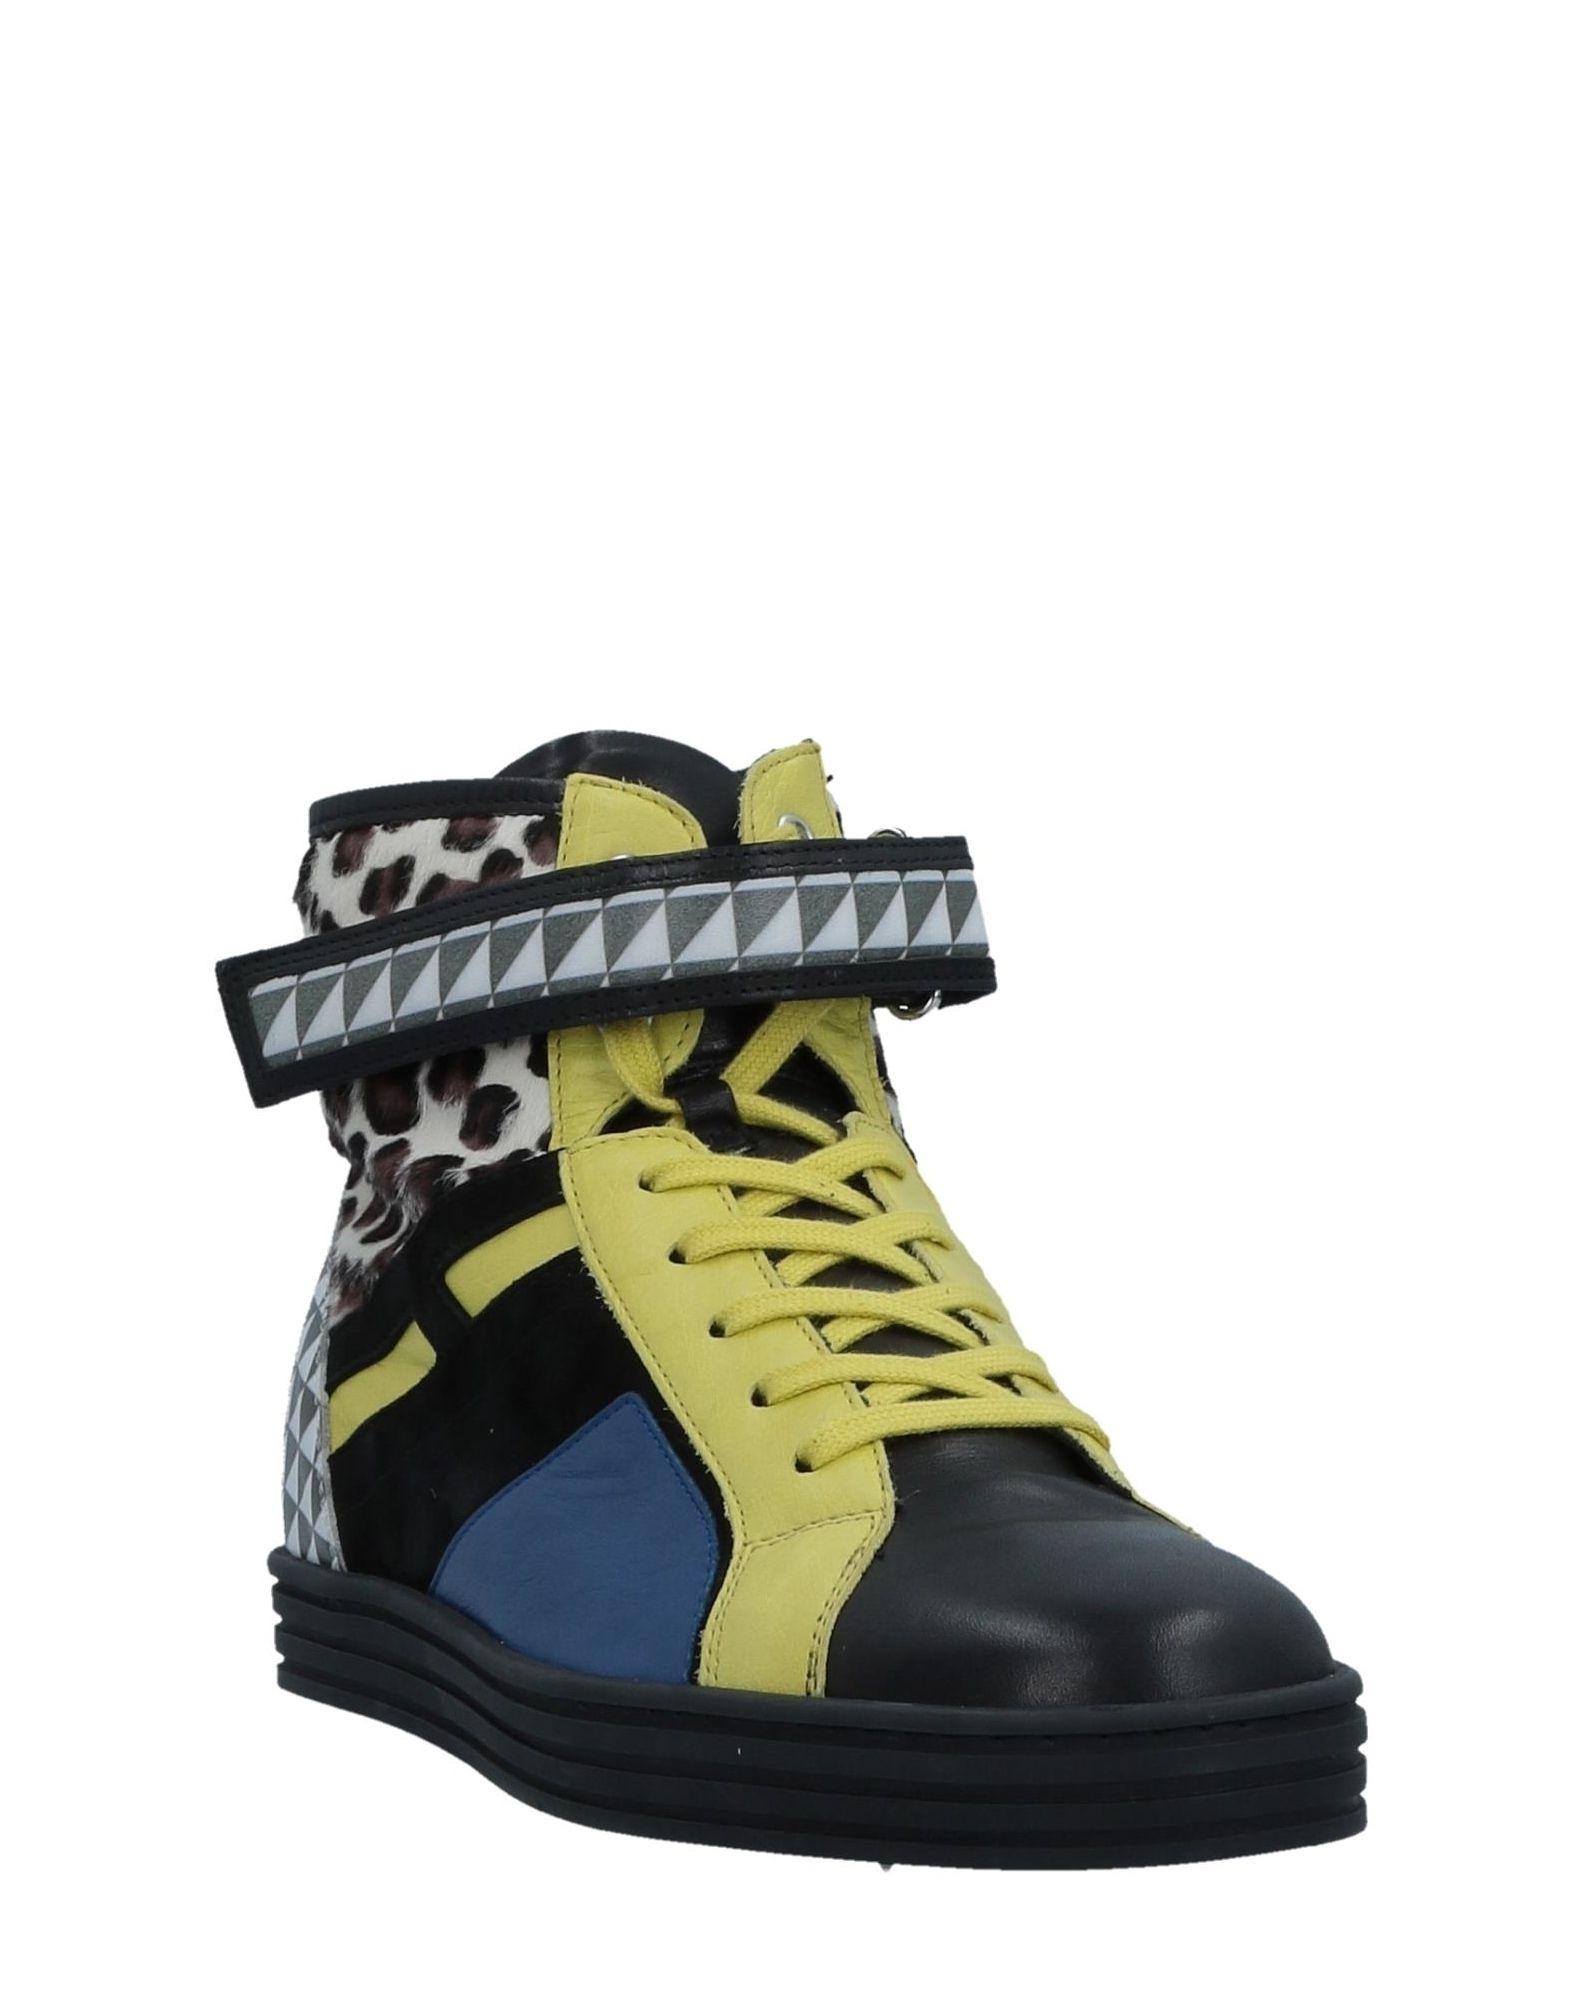 Stilvolle billige Schuhe Hogan Rebel 11517933MU Sneakers Damen  11517933MU Rebel 12f67a